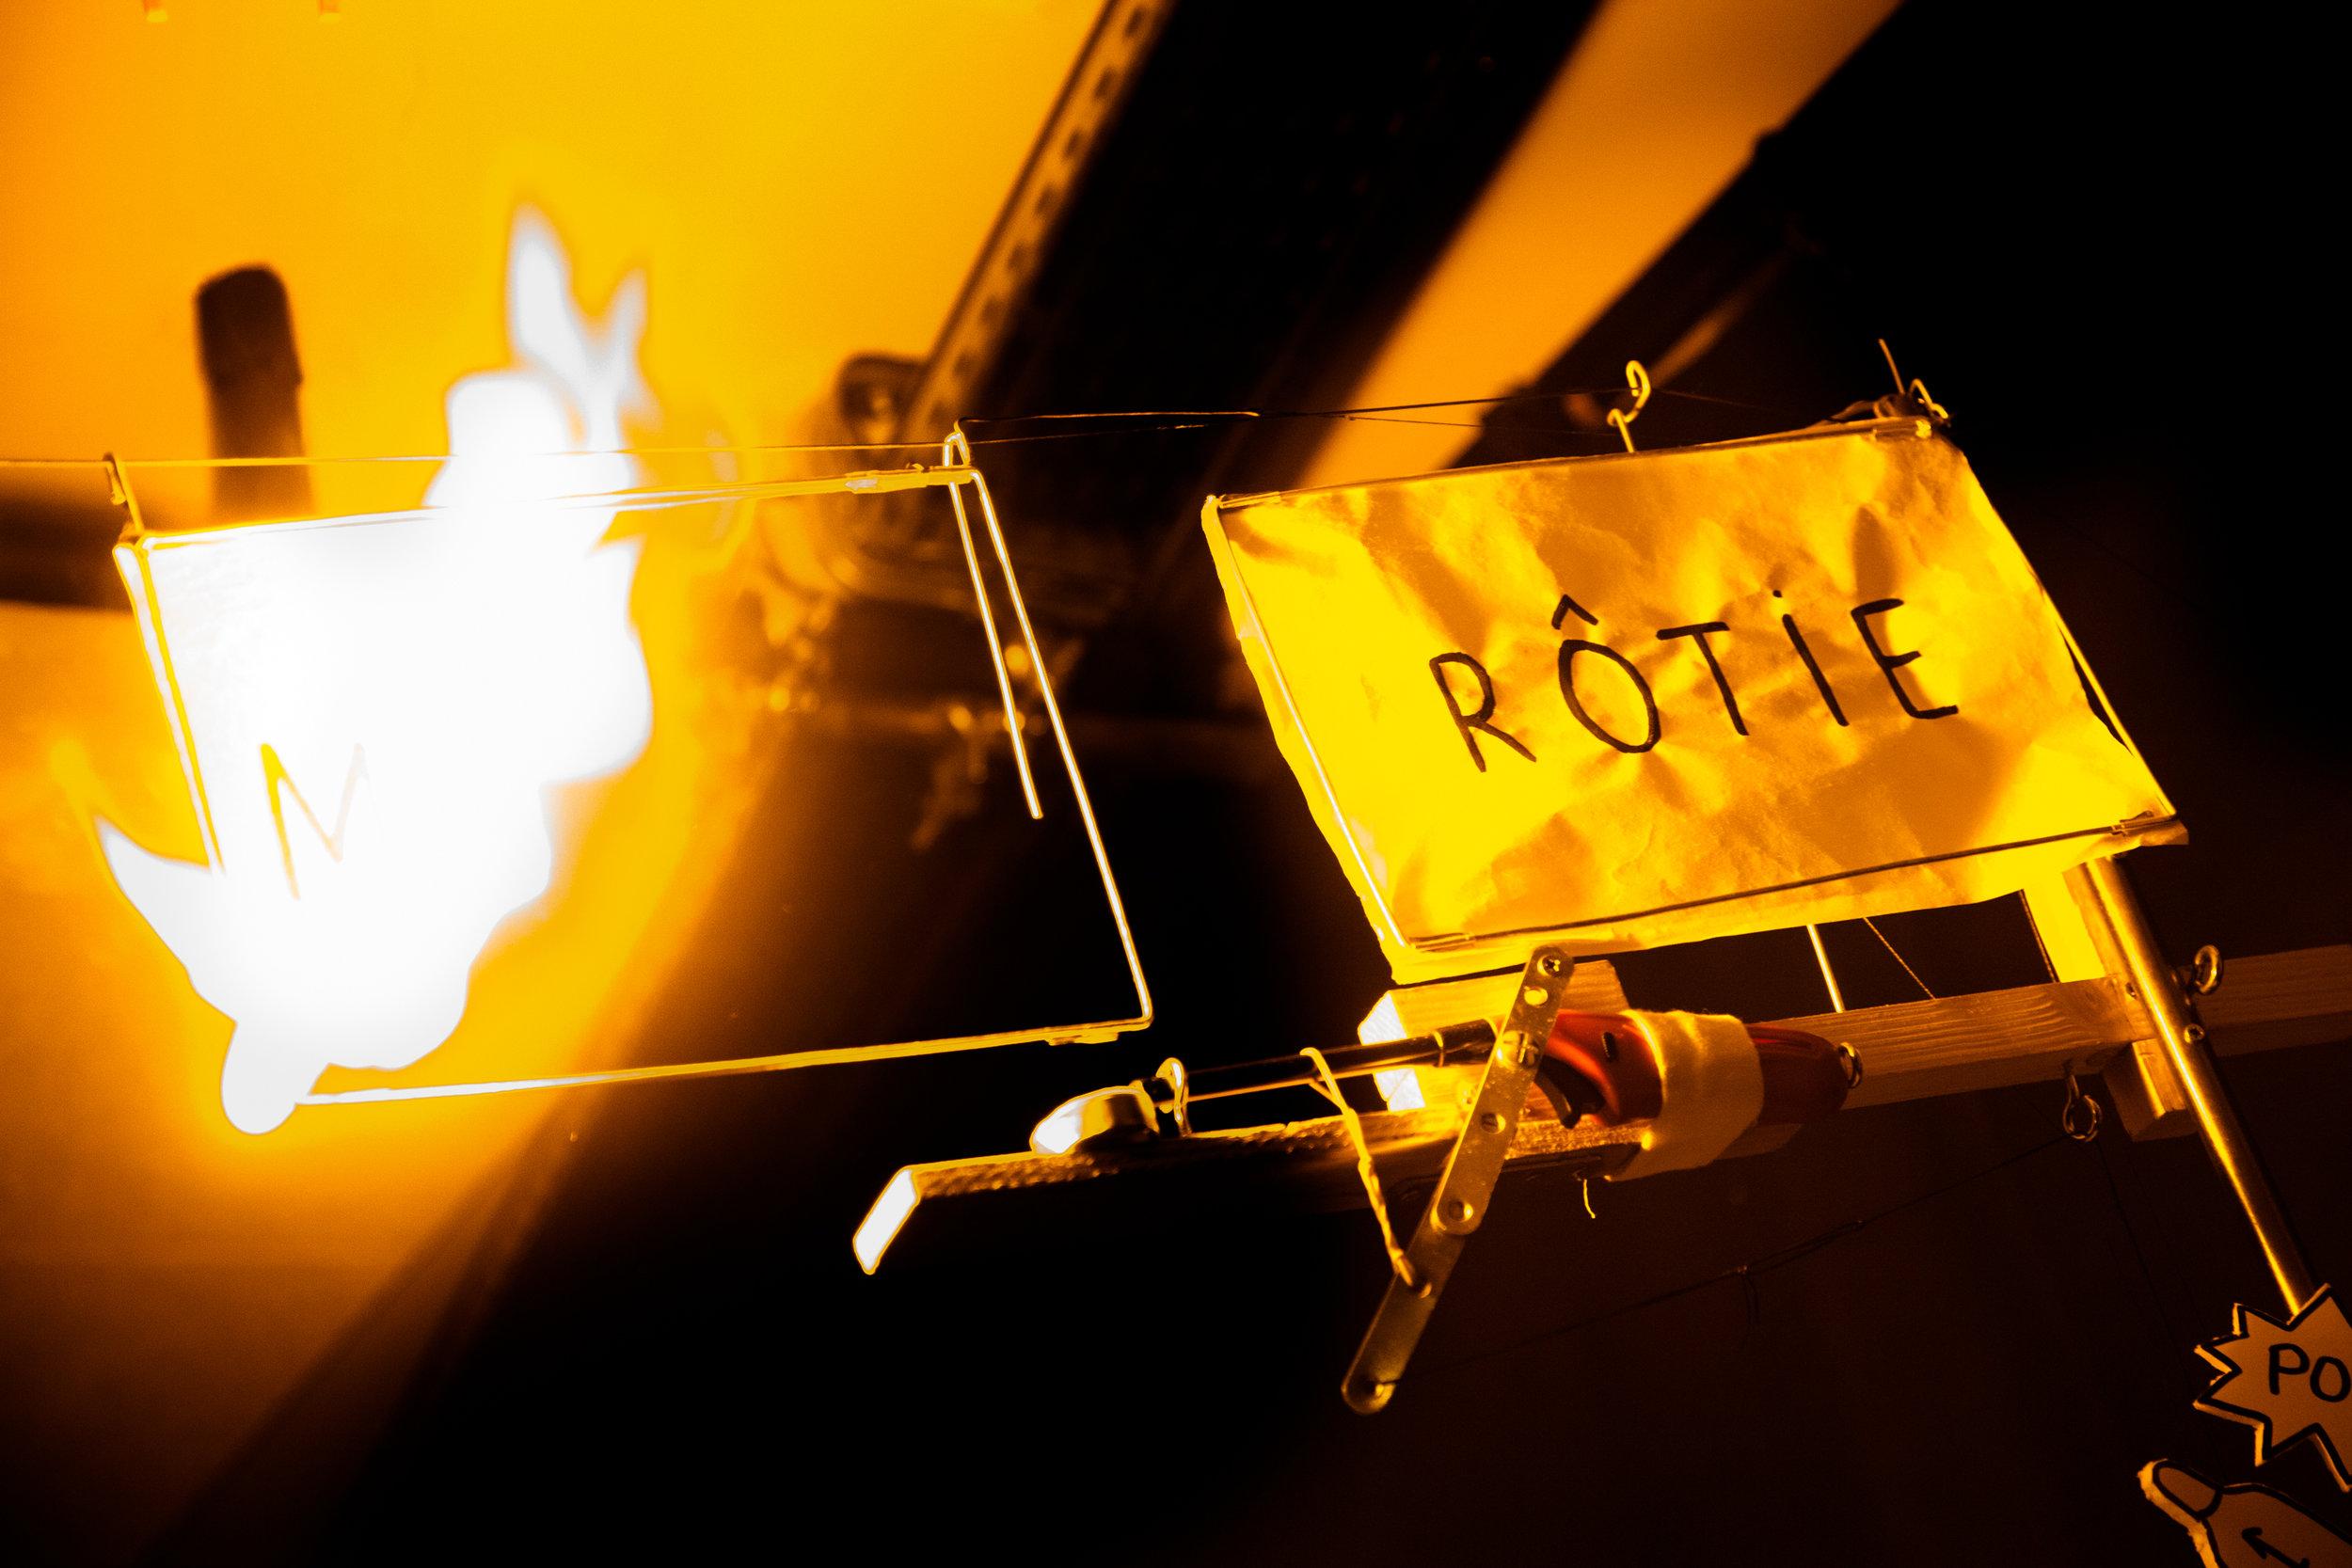 C1-Mamie rôtie 2 - © Thierry Caron.jpg